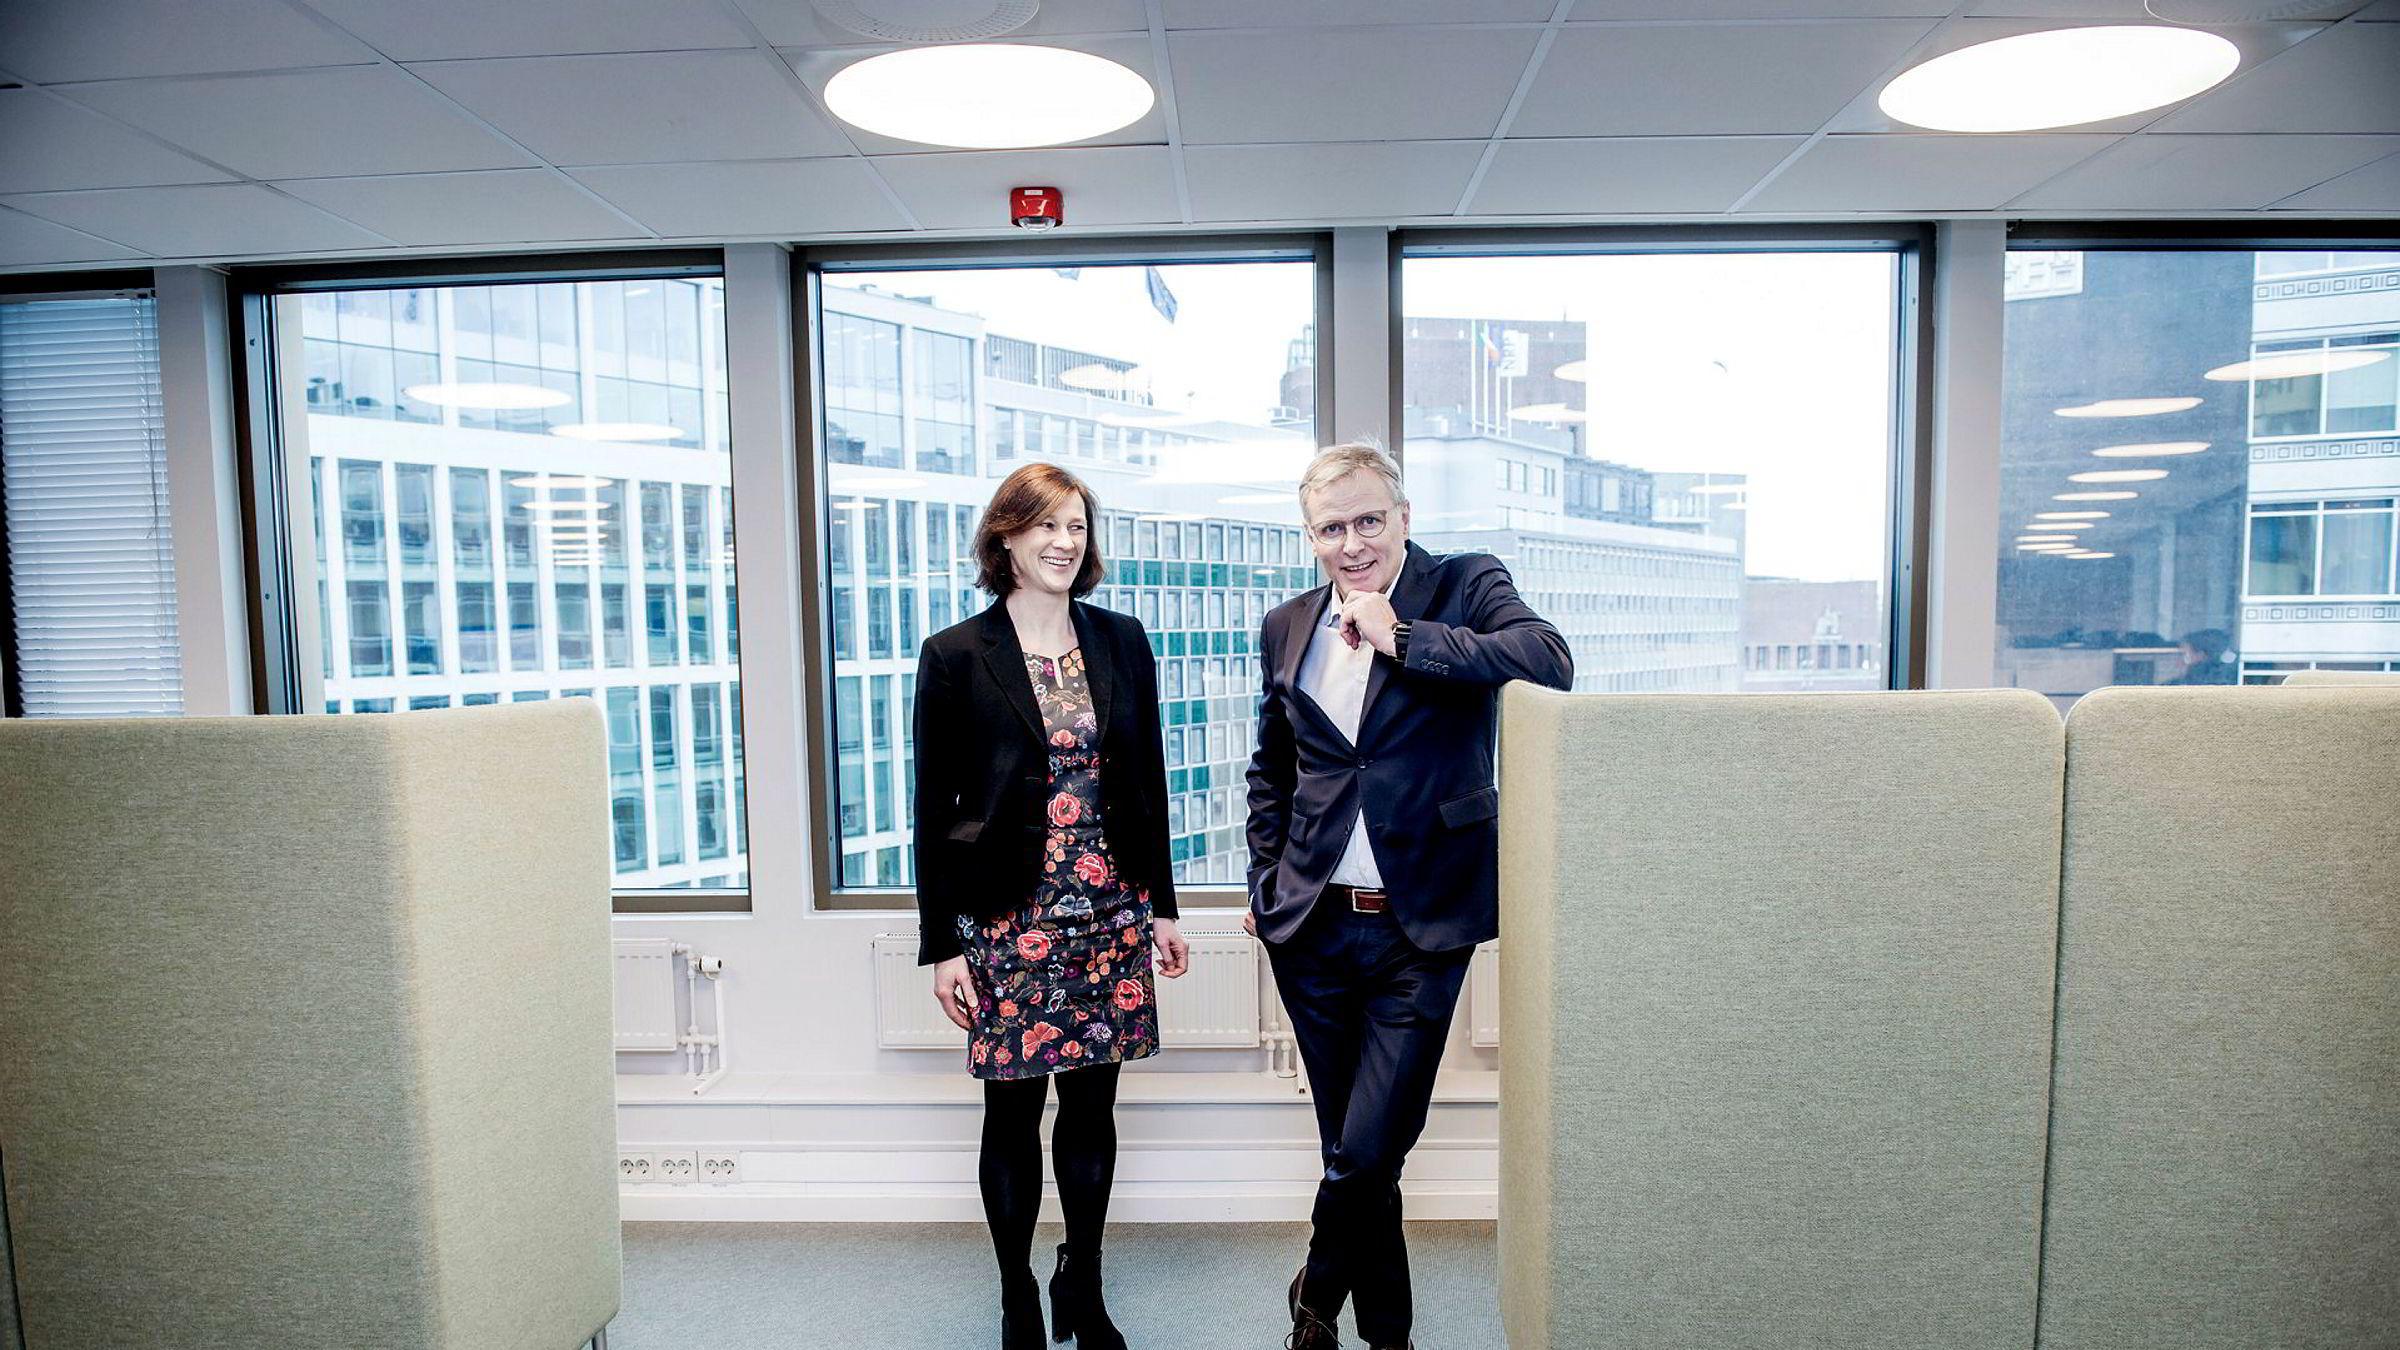 Administrerende direktør Per Høiby og styreleder Kari Holm Hejna i First House kjøper opp konsulentselskap.